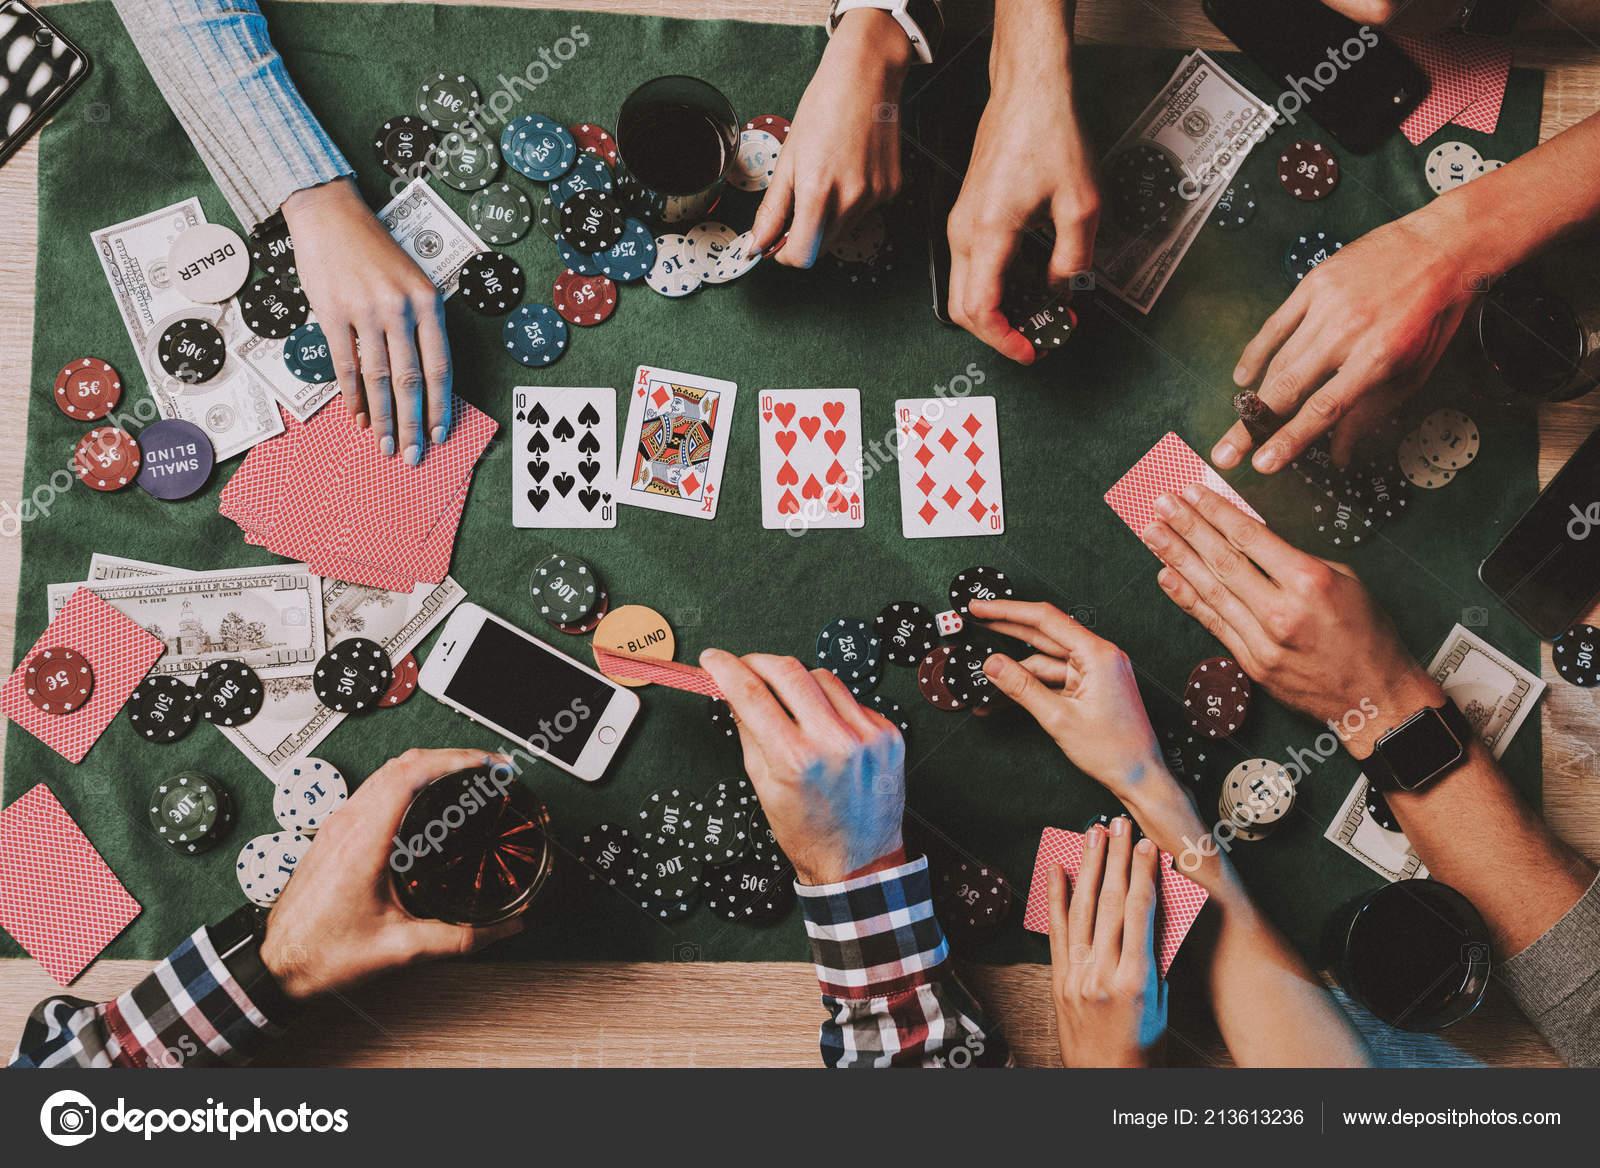 Как блатные играют в карты карты играть игру смешарики